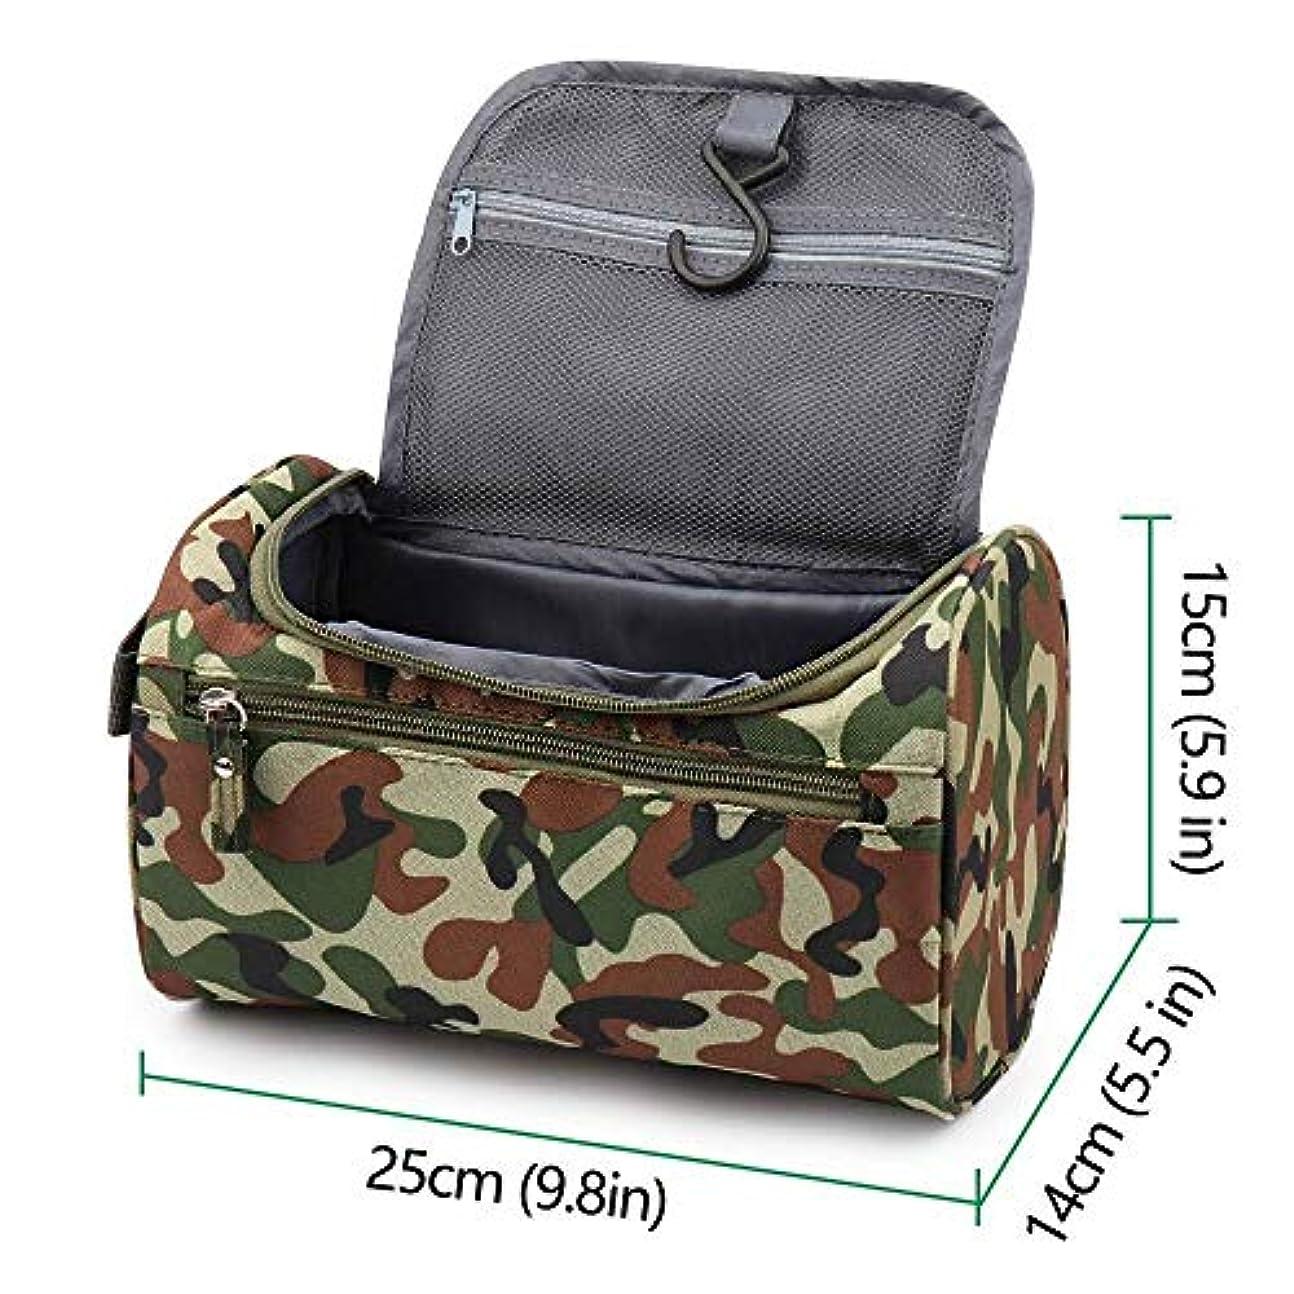 やむを得ない八百屋エピソード化粧バッグ安い女性のバッグ男性大防水ナイロン旅行化粧品バッグオーガナイザーケース必要なメイクアップ洗面化粧品バッグ (Color : Camouflage)